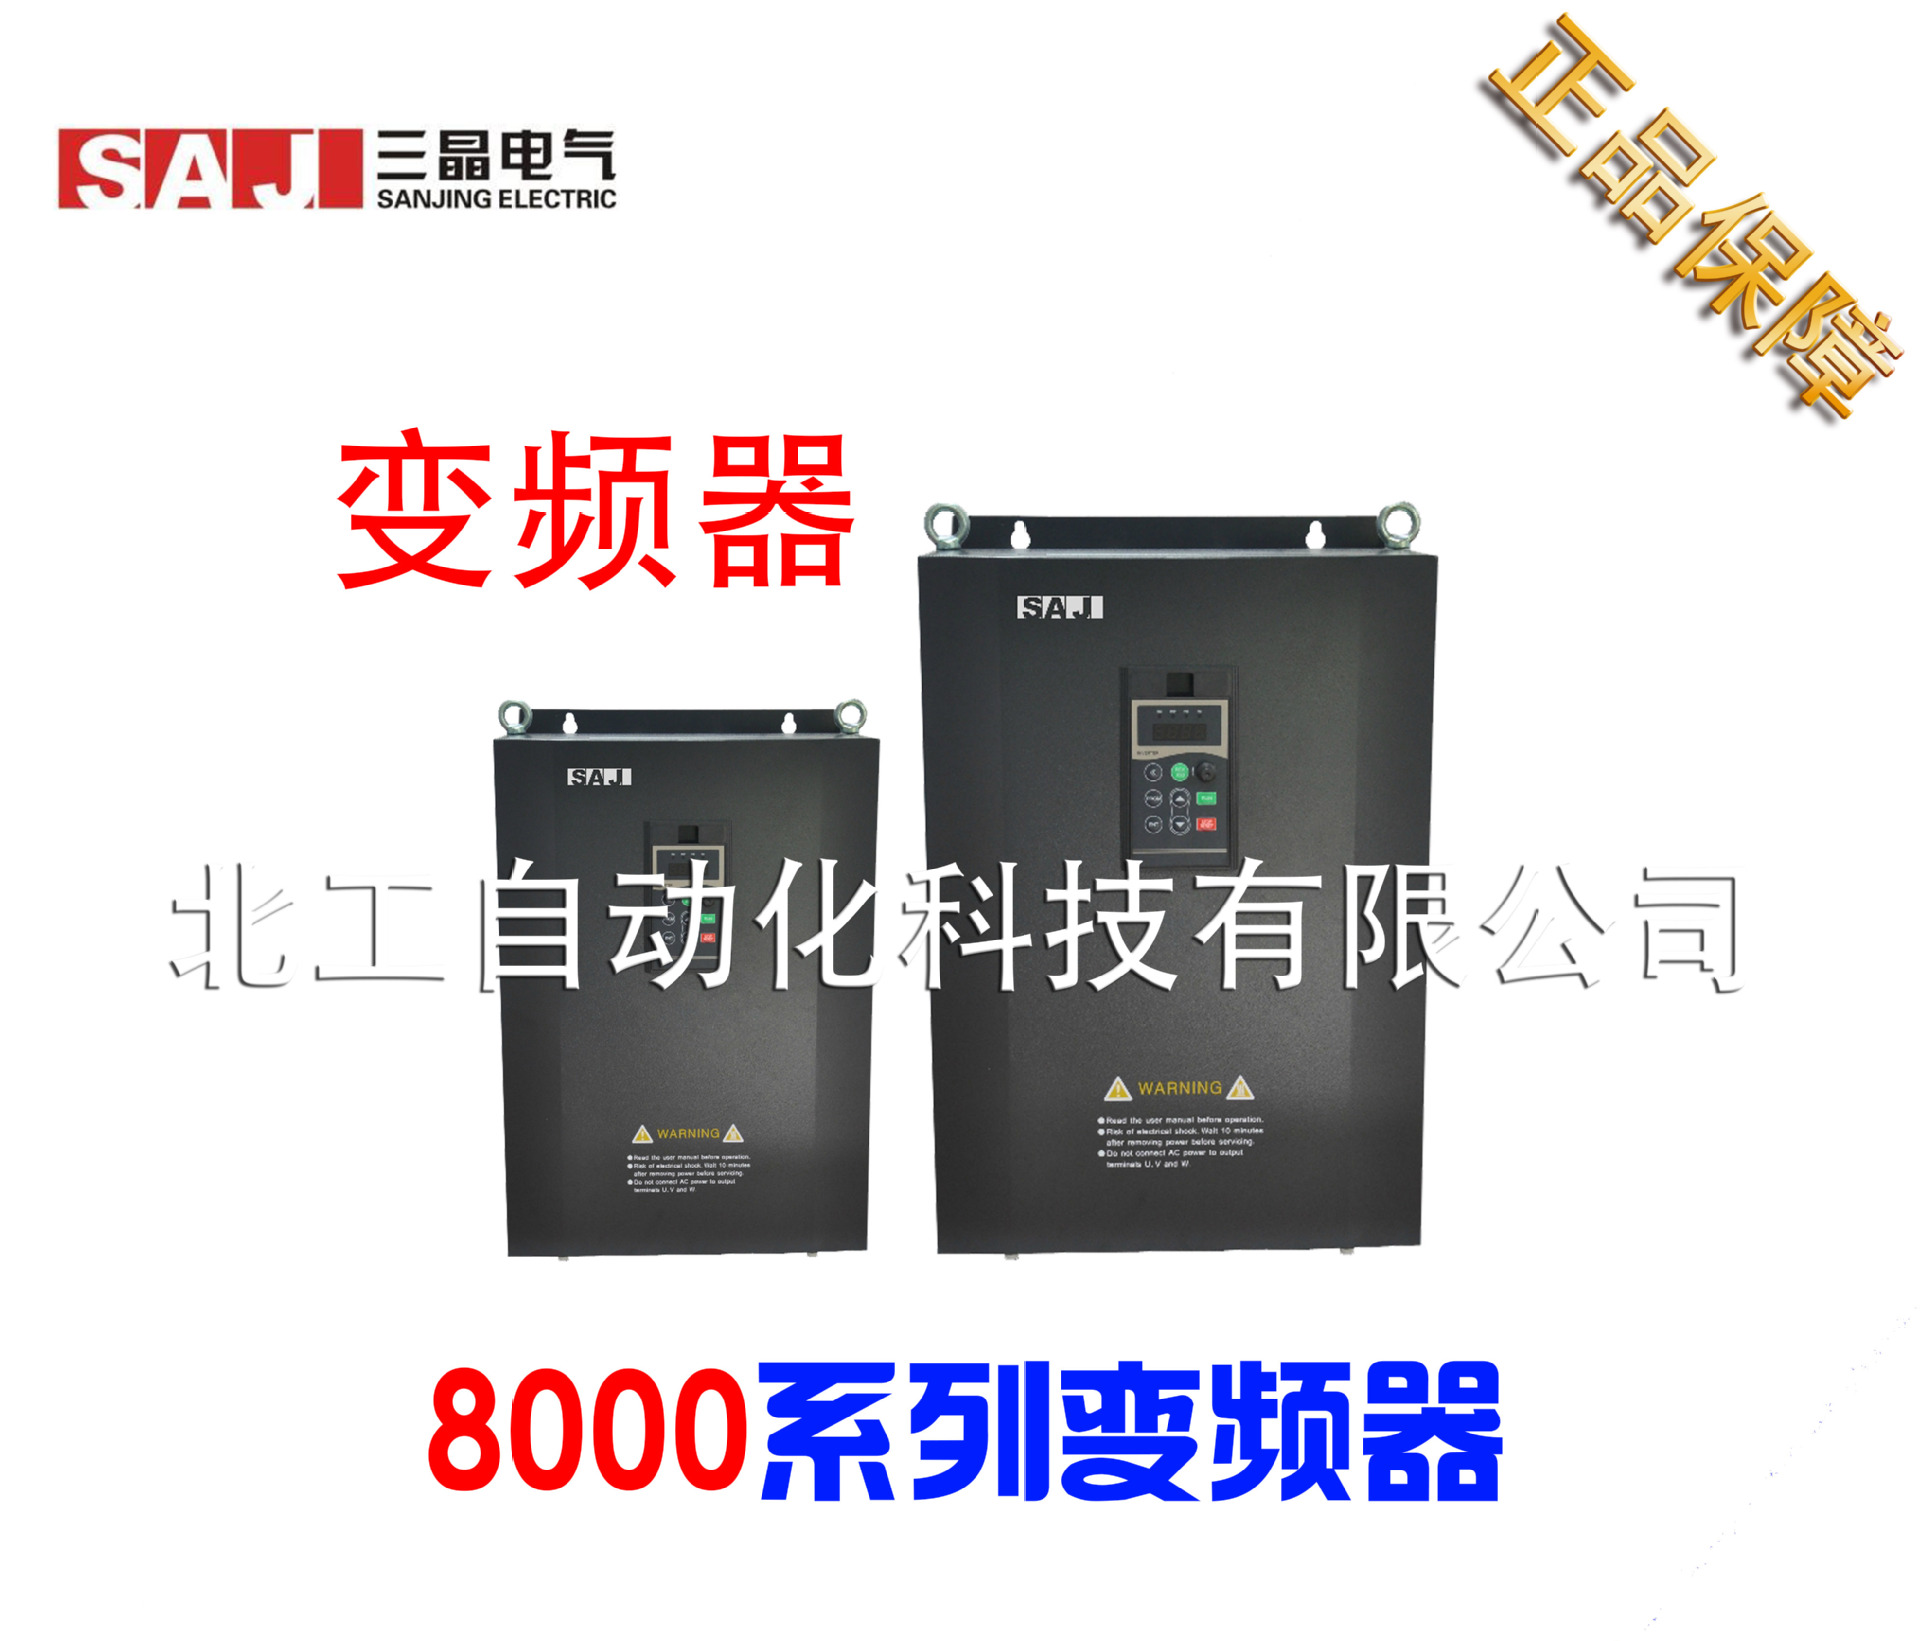 原装正品/saj/三晶变频器 8000h-4t011gb